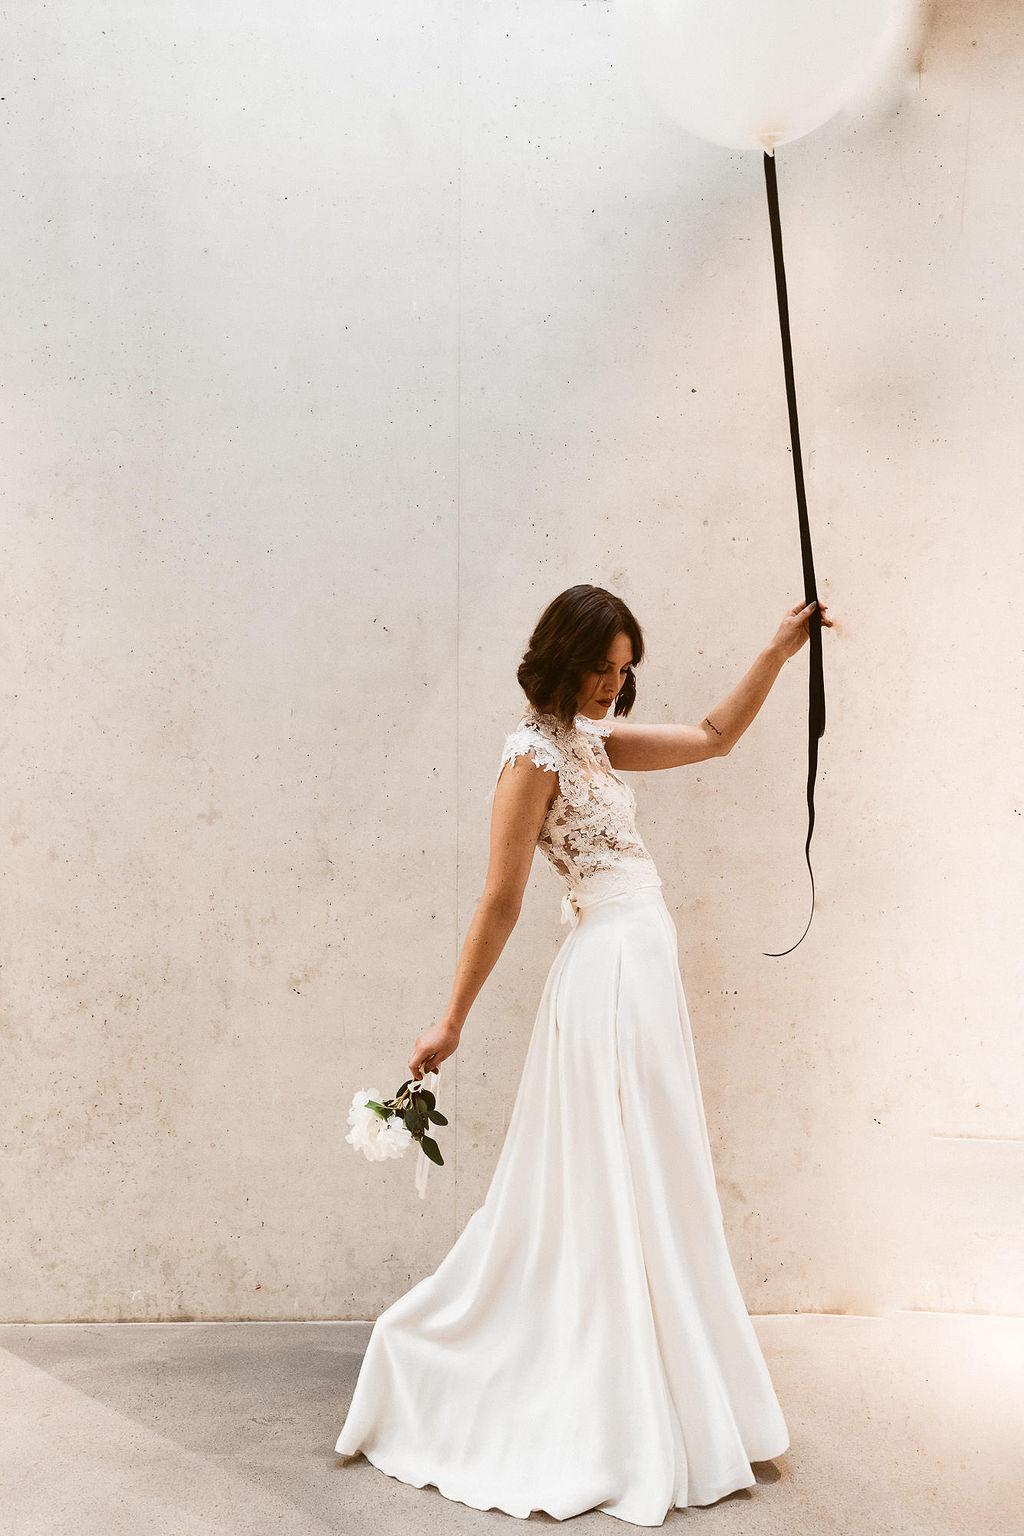 Hochzeitskleid 3D Spitze und fliessender Rock Isi Lieb.jpg